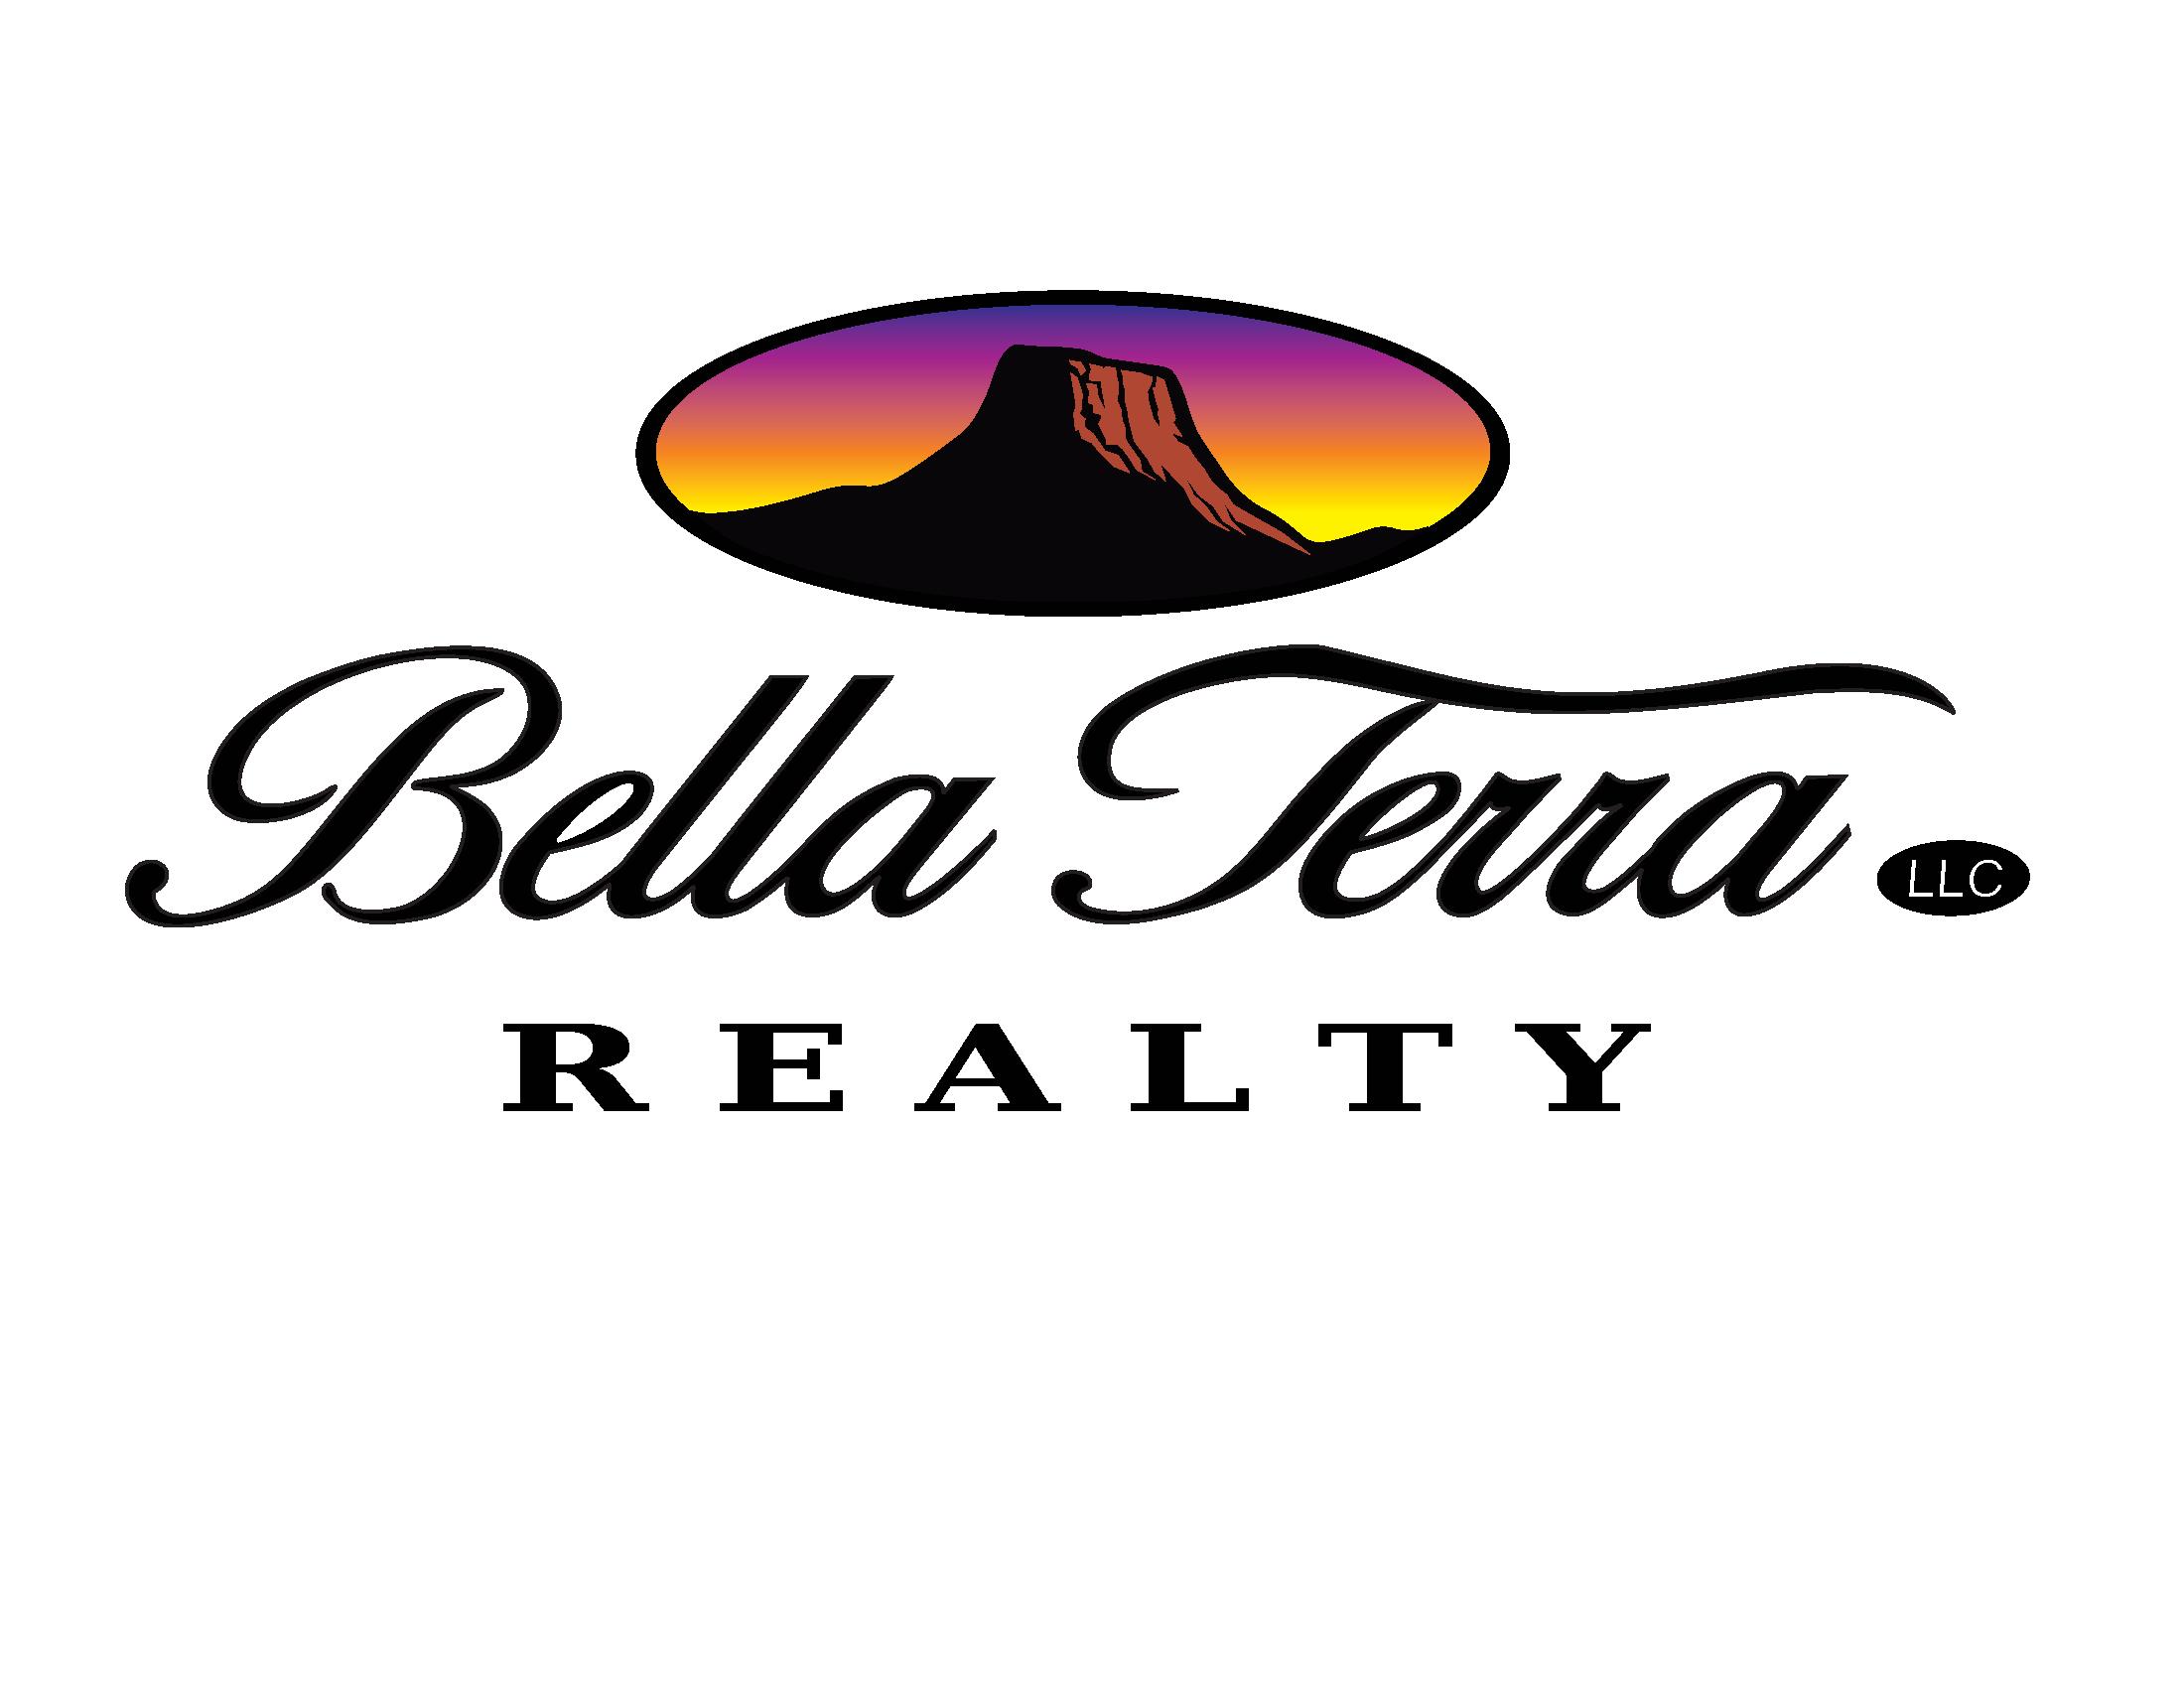 Arizona's Top Rated Local® Real Estate Brokers Award Winner: Bella Terra Realty